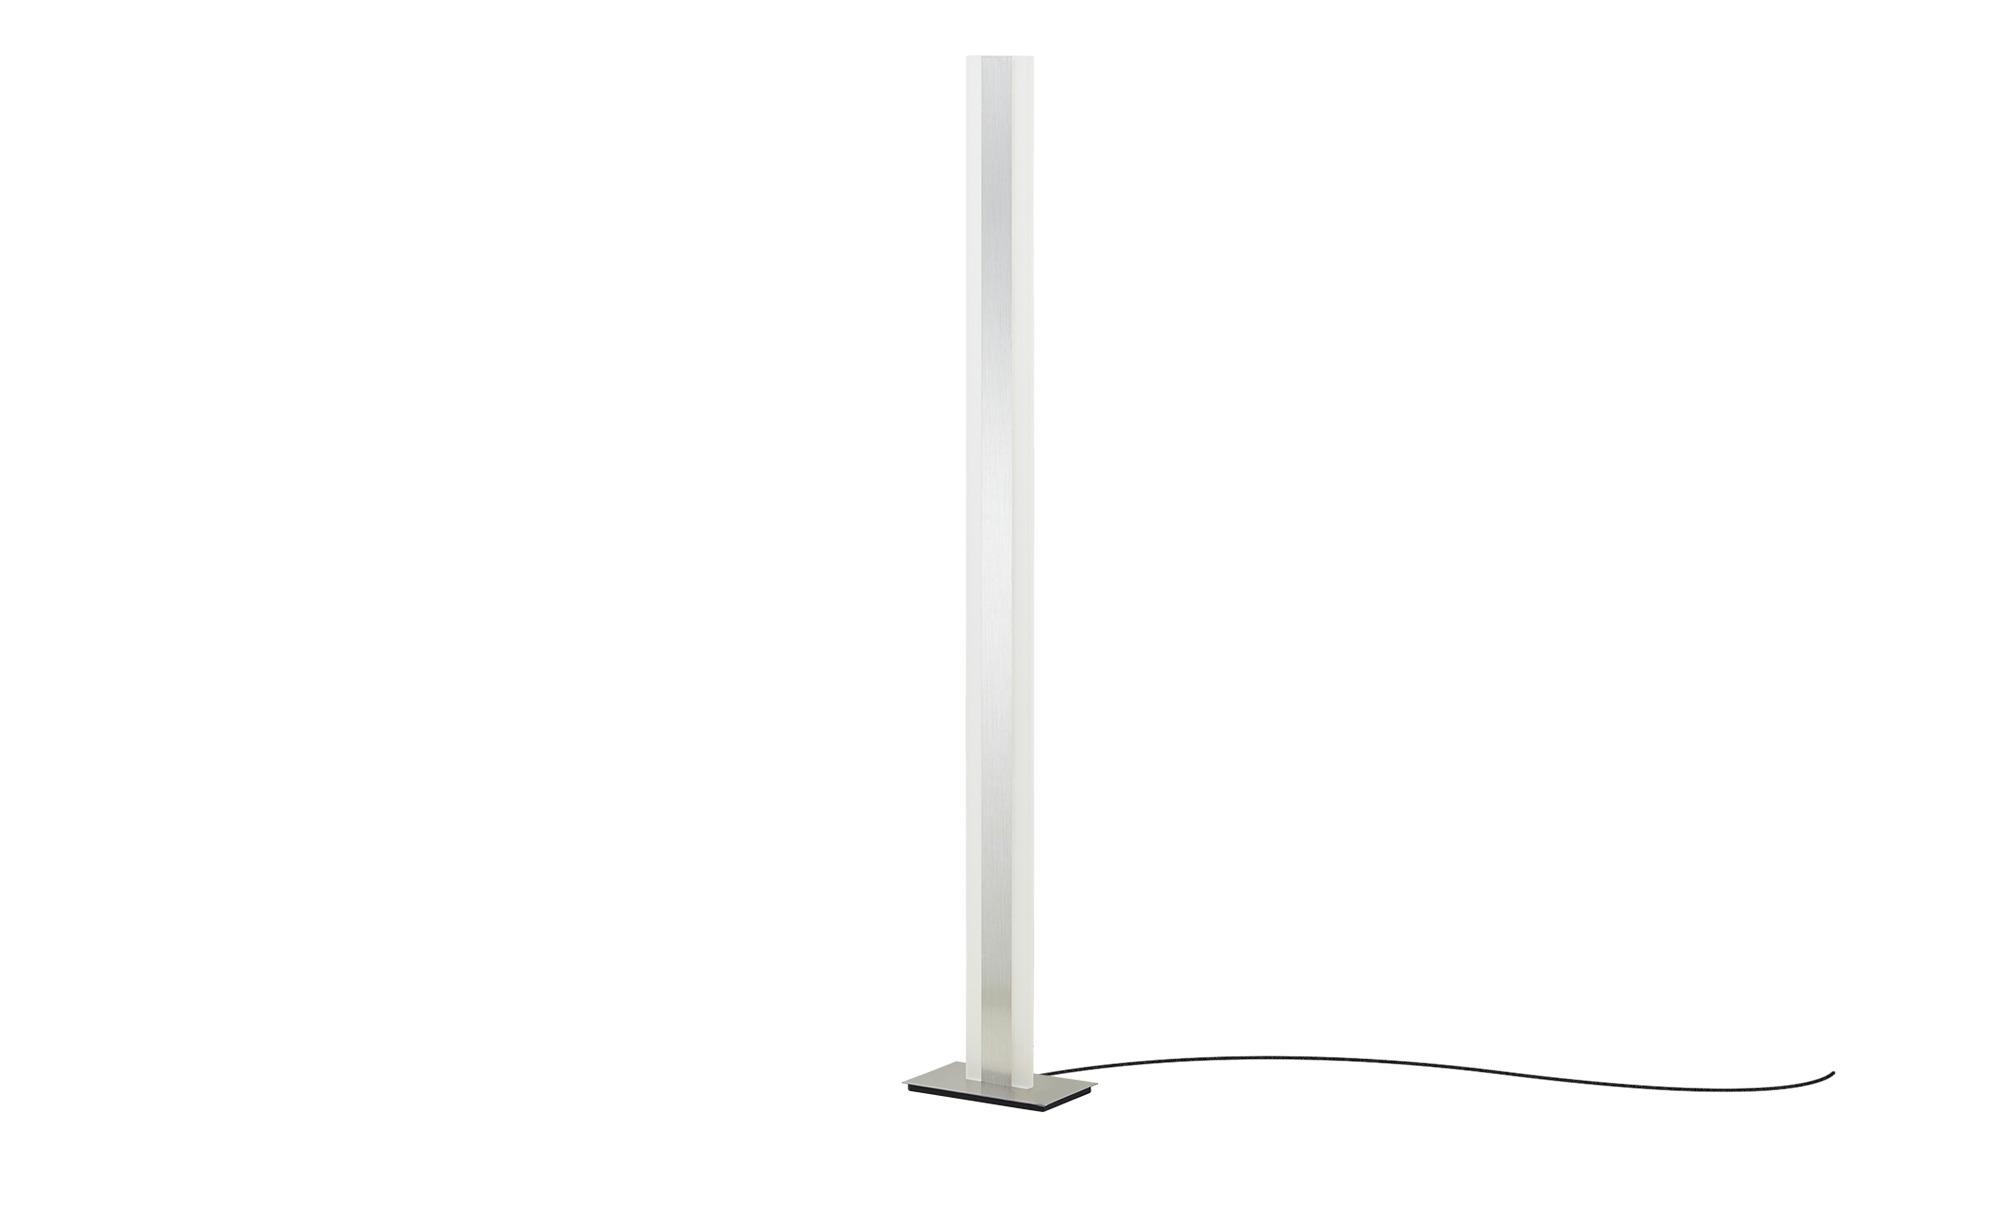 Meisterleuchten LED-Stehleuchte, mit Gestensteuerung ¦ silber ¦ Maße (cm): B: 14 H: 140 Lampen & Leuchten > Innenleuchten > Stehlampen - Höffner